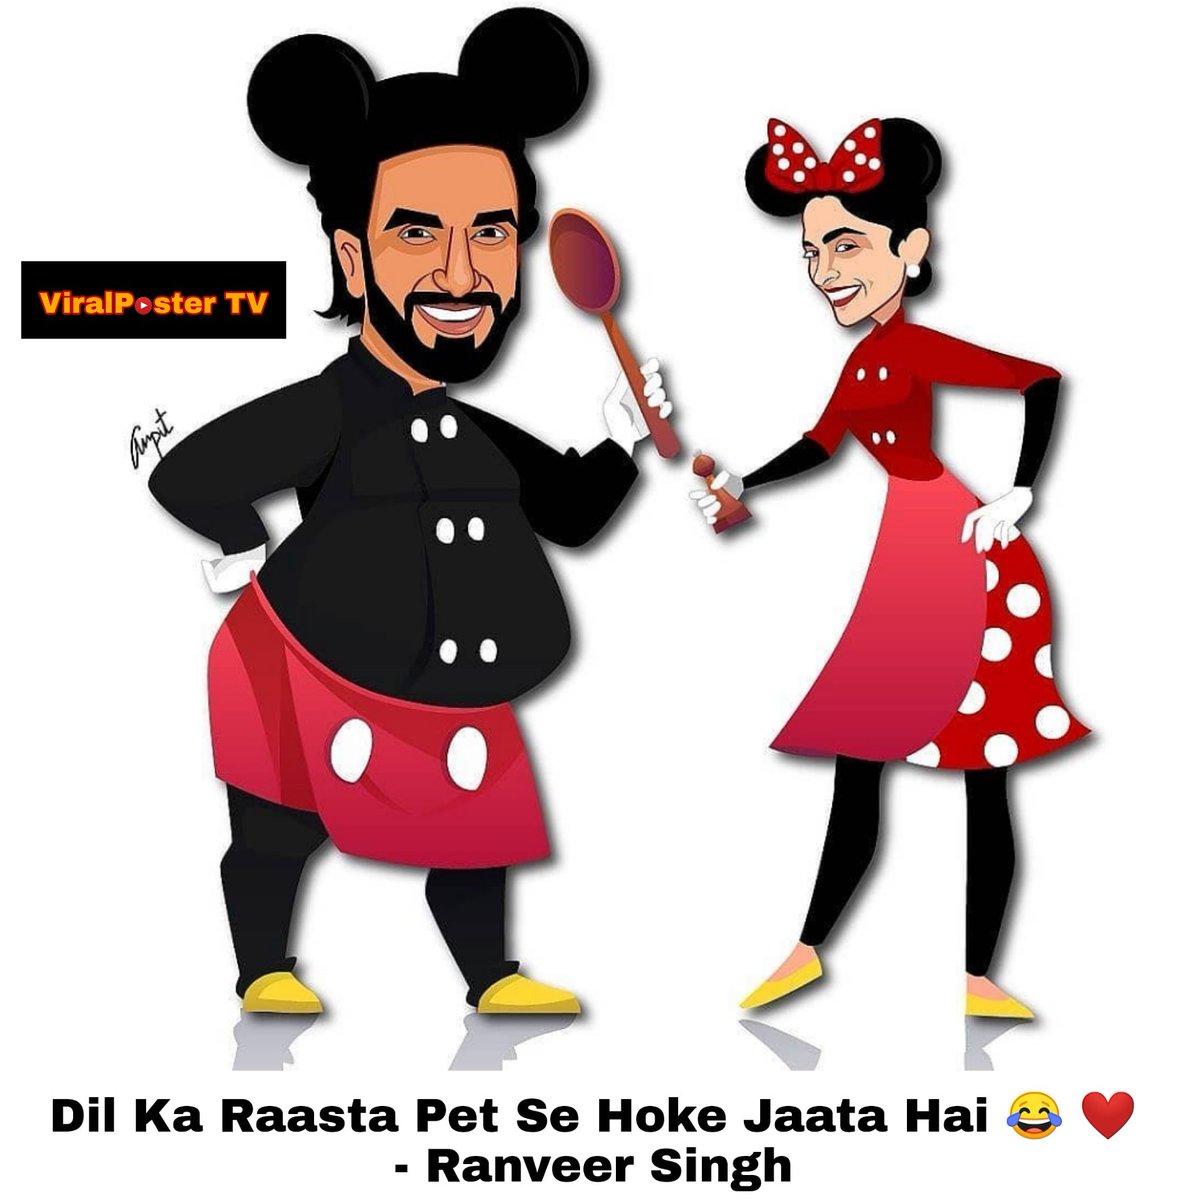 """Recently, Ranveer Singh shared a cute caricature of himself and wife Deepika Padukone in Instagram. In the caption, he wrote, """"Dil ka raasta pet se hoke jaata hai.""""@ranveerofficial@deepikapadukone#LockdownDiaries#CoronaLockdown#QuarantinePosts#Bollywood#Entertainmentpic.twitter.com/nhJiCjqAjE"""